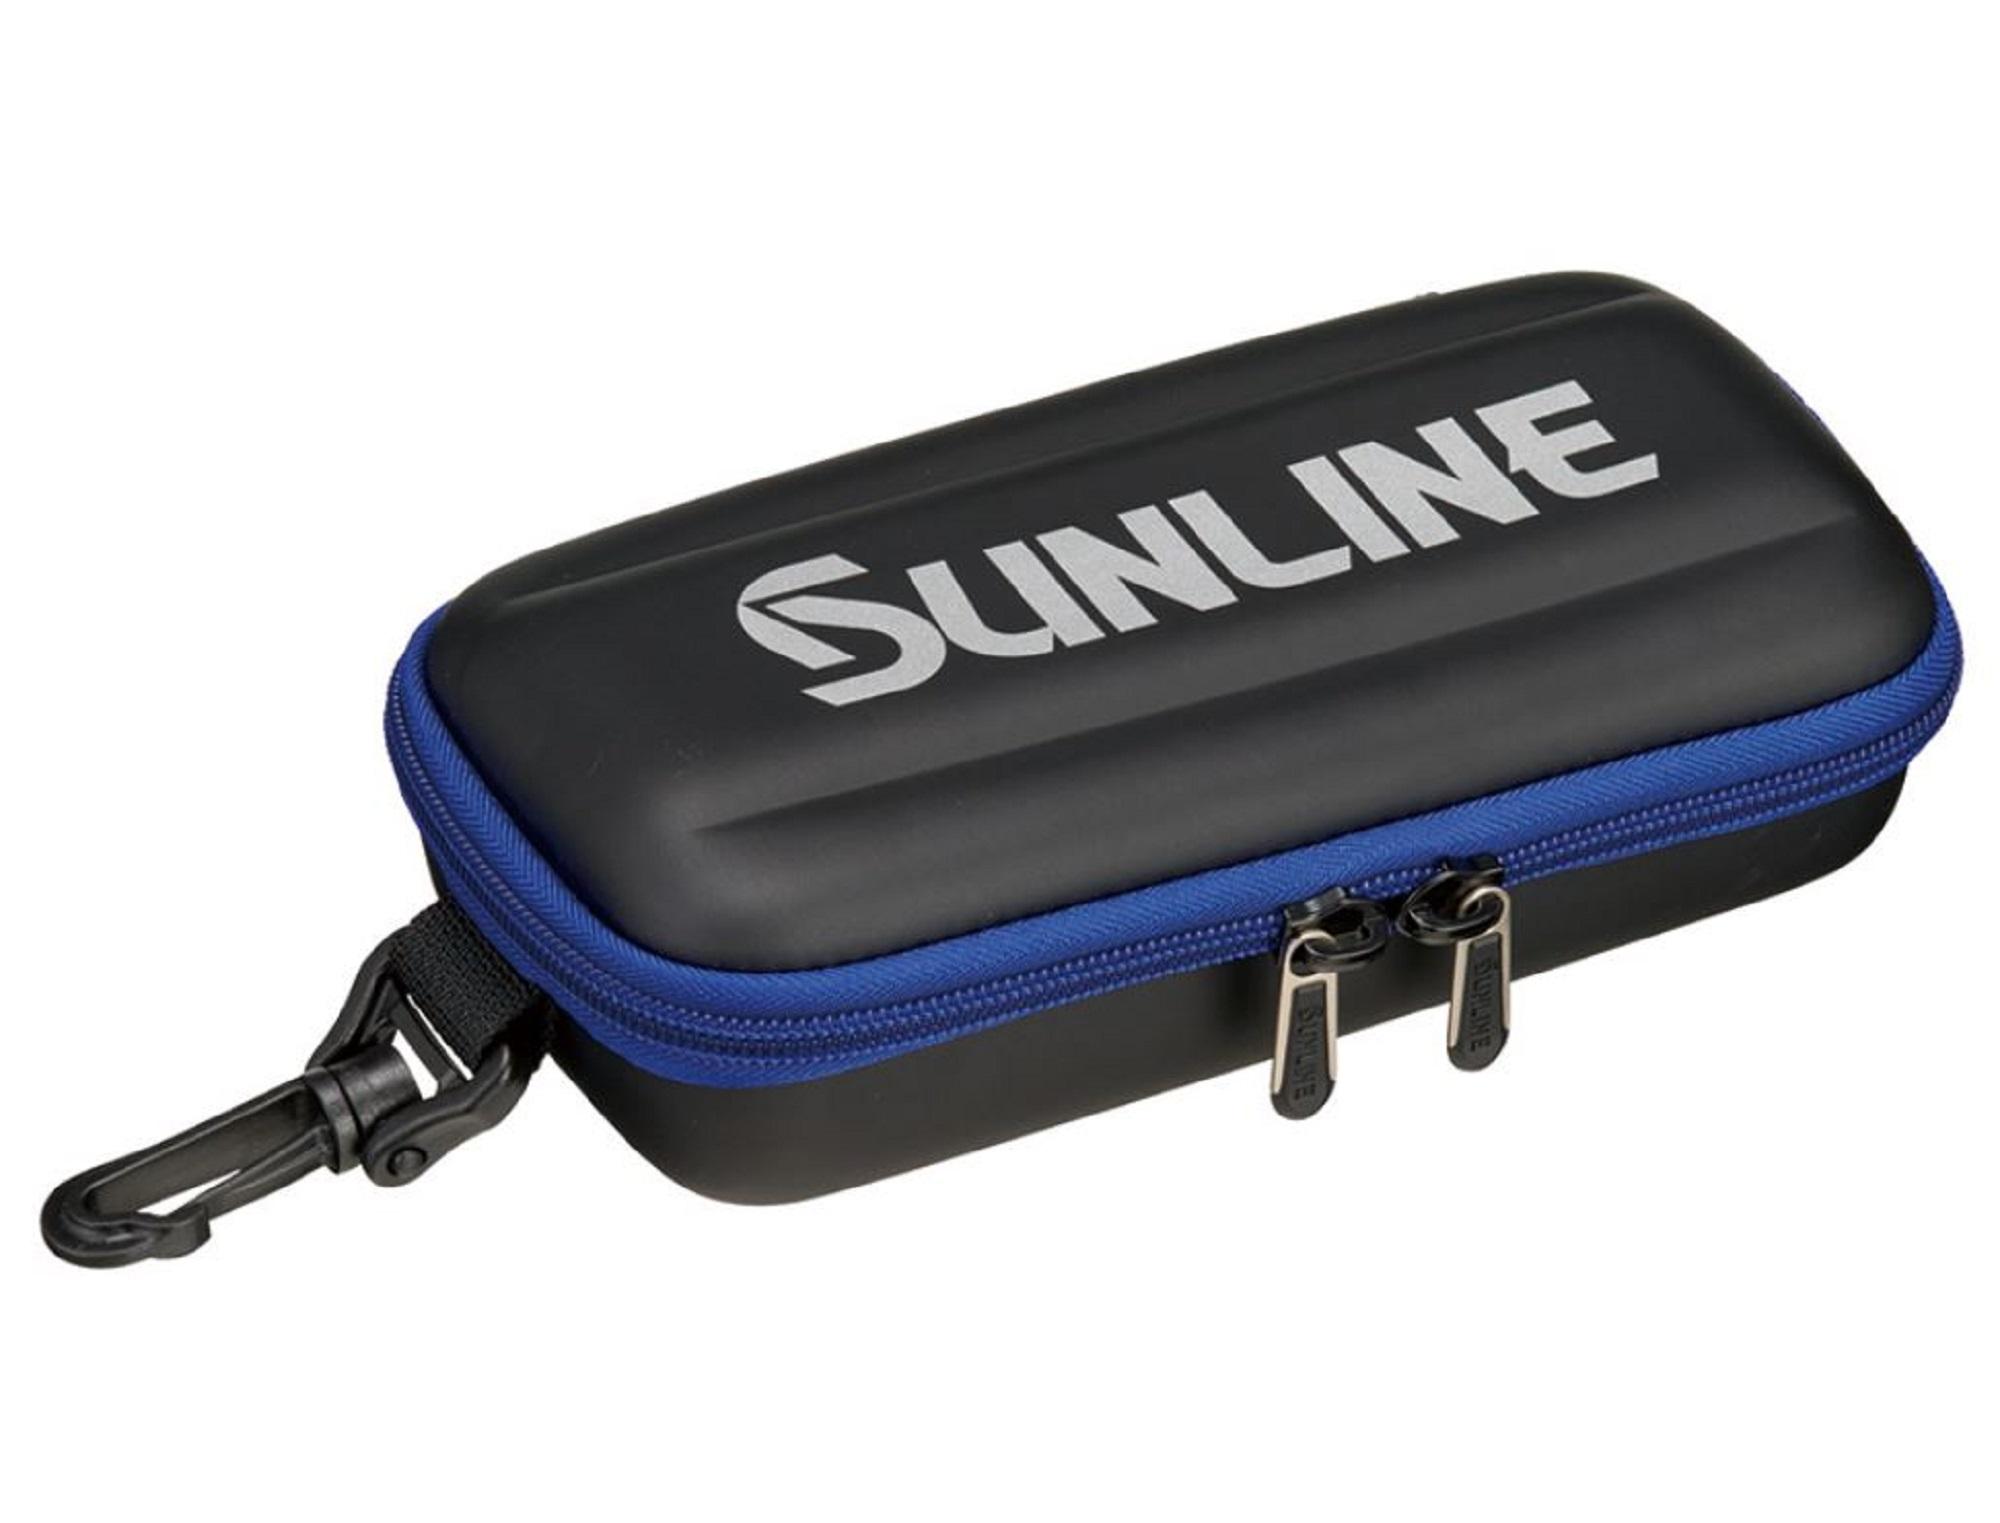 Sunline SFP-0126 Jig Storage Case 100 x 200 x 70 mm Blue (4955)